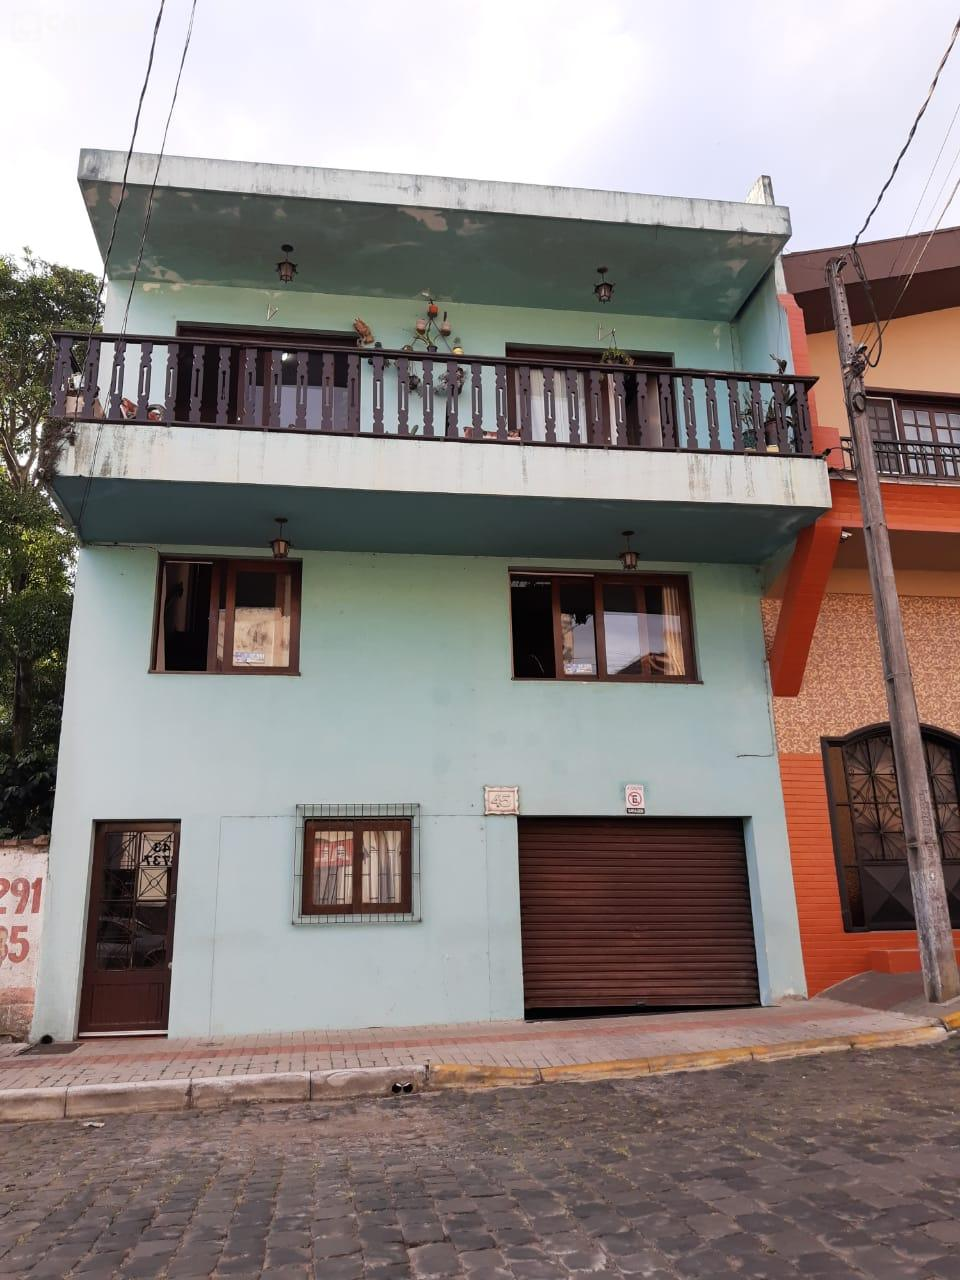 SOBRADO À VENDA, CENTRO, PORTO UNIAO - SC - PORTO UNIAO/SC